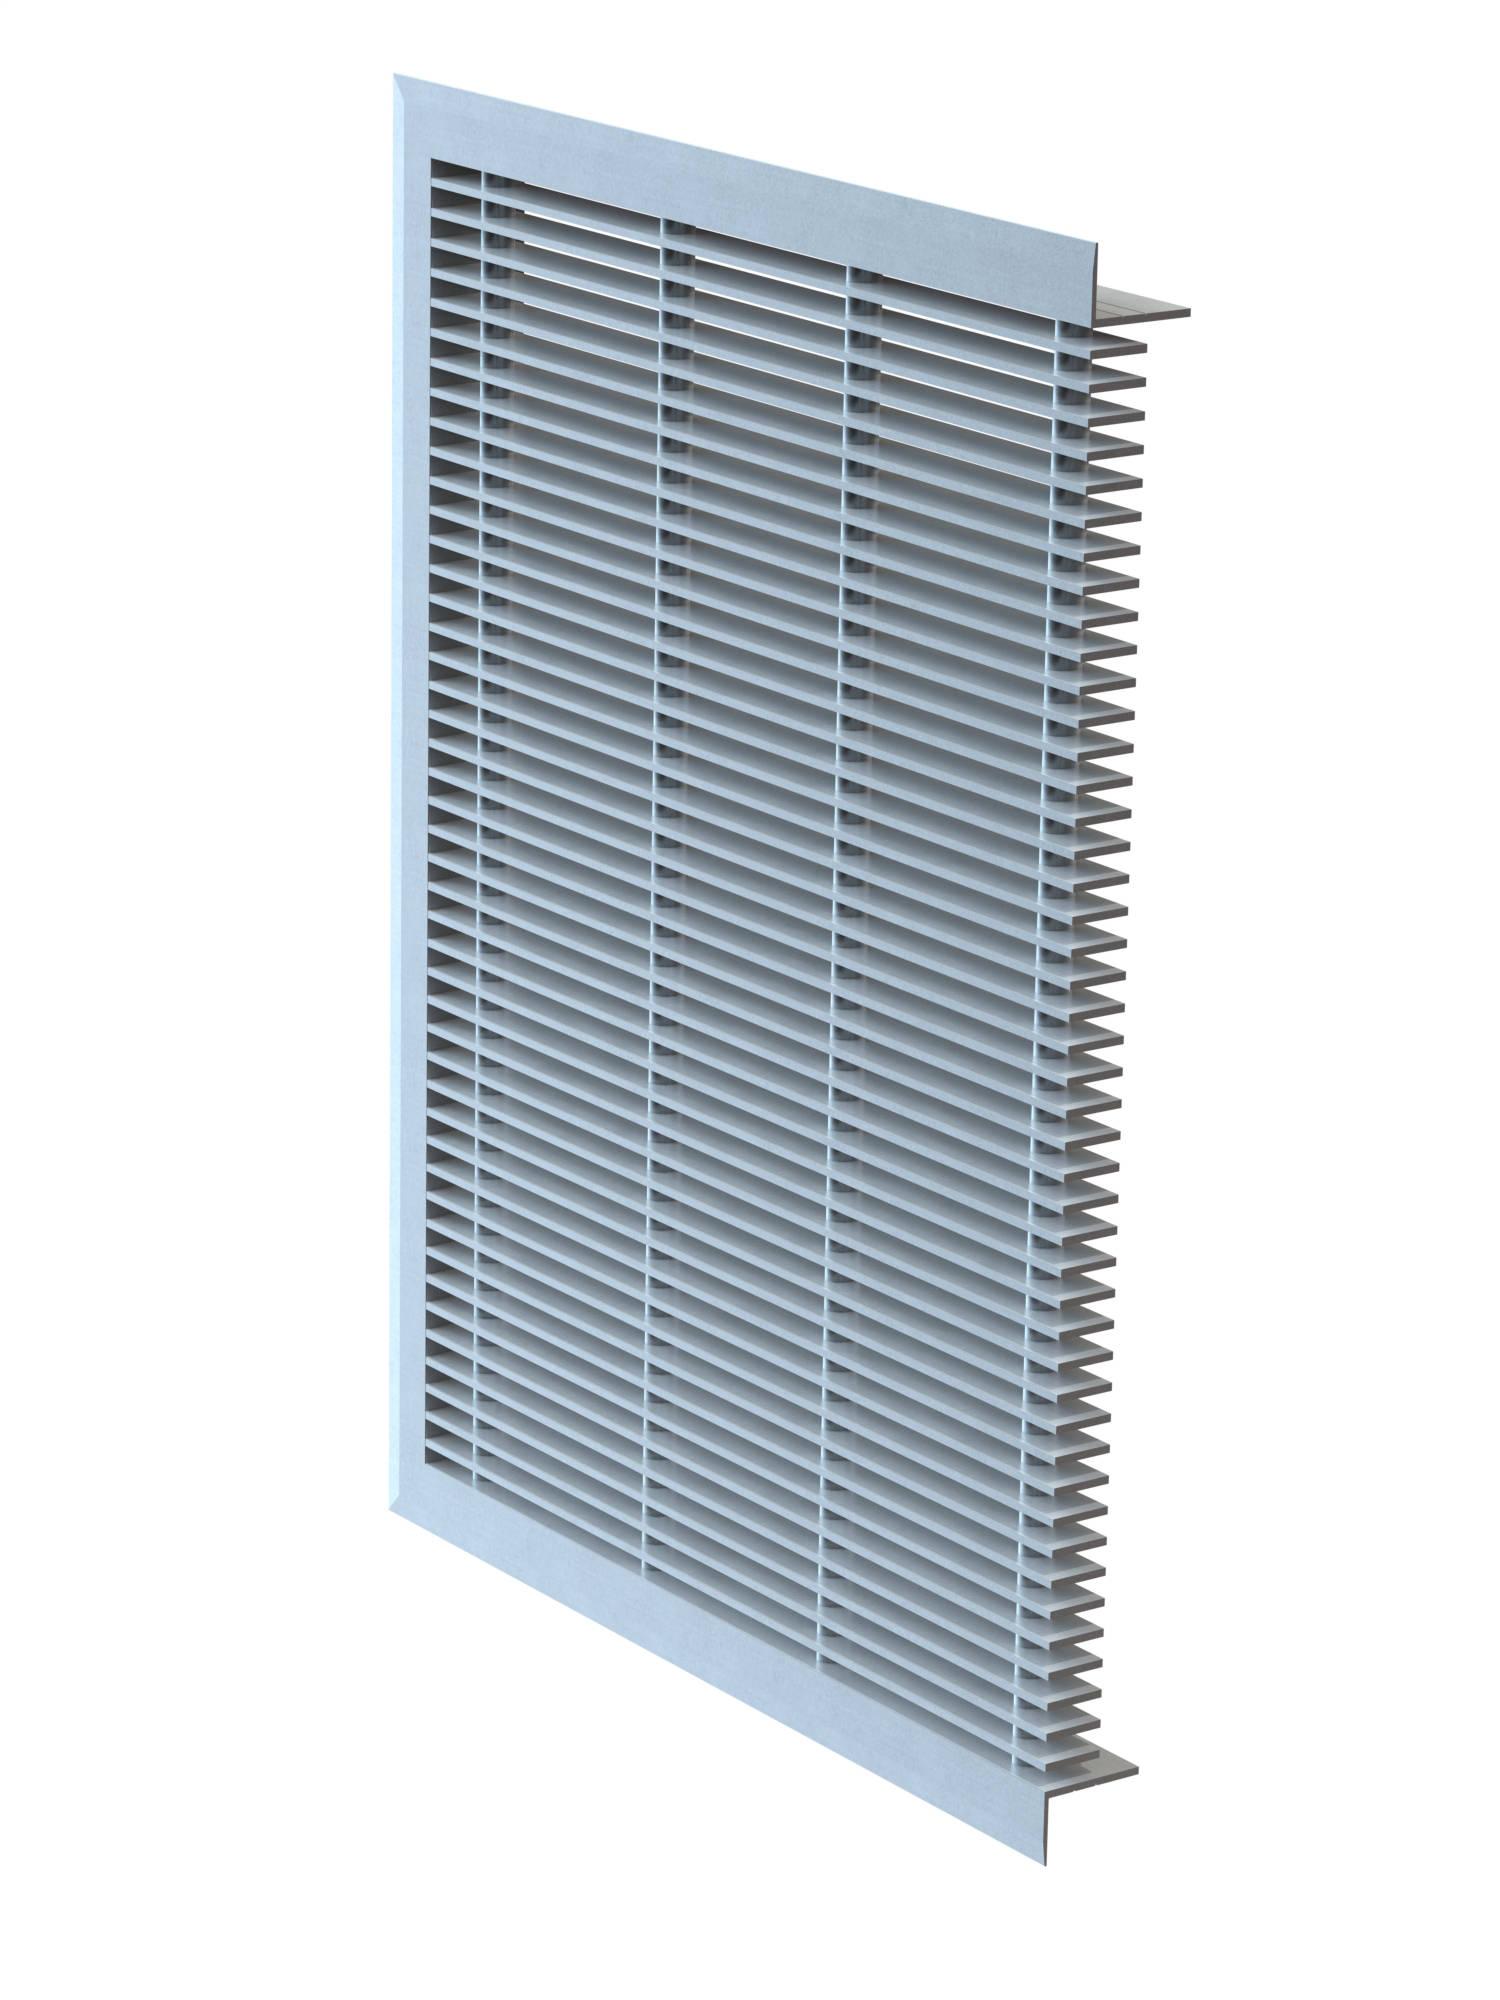 Modèle GR-01